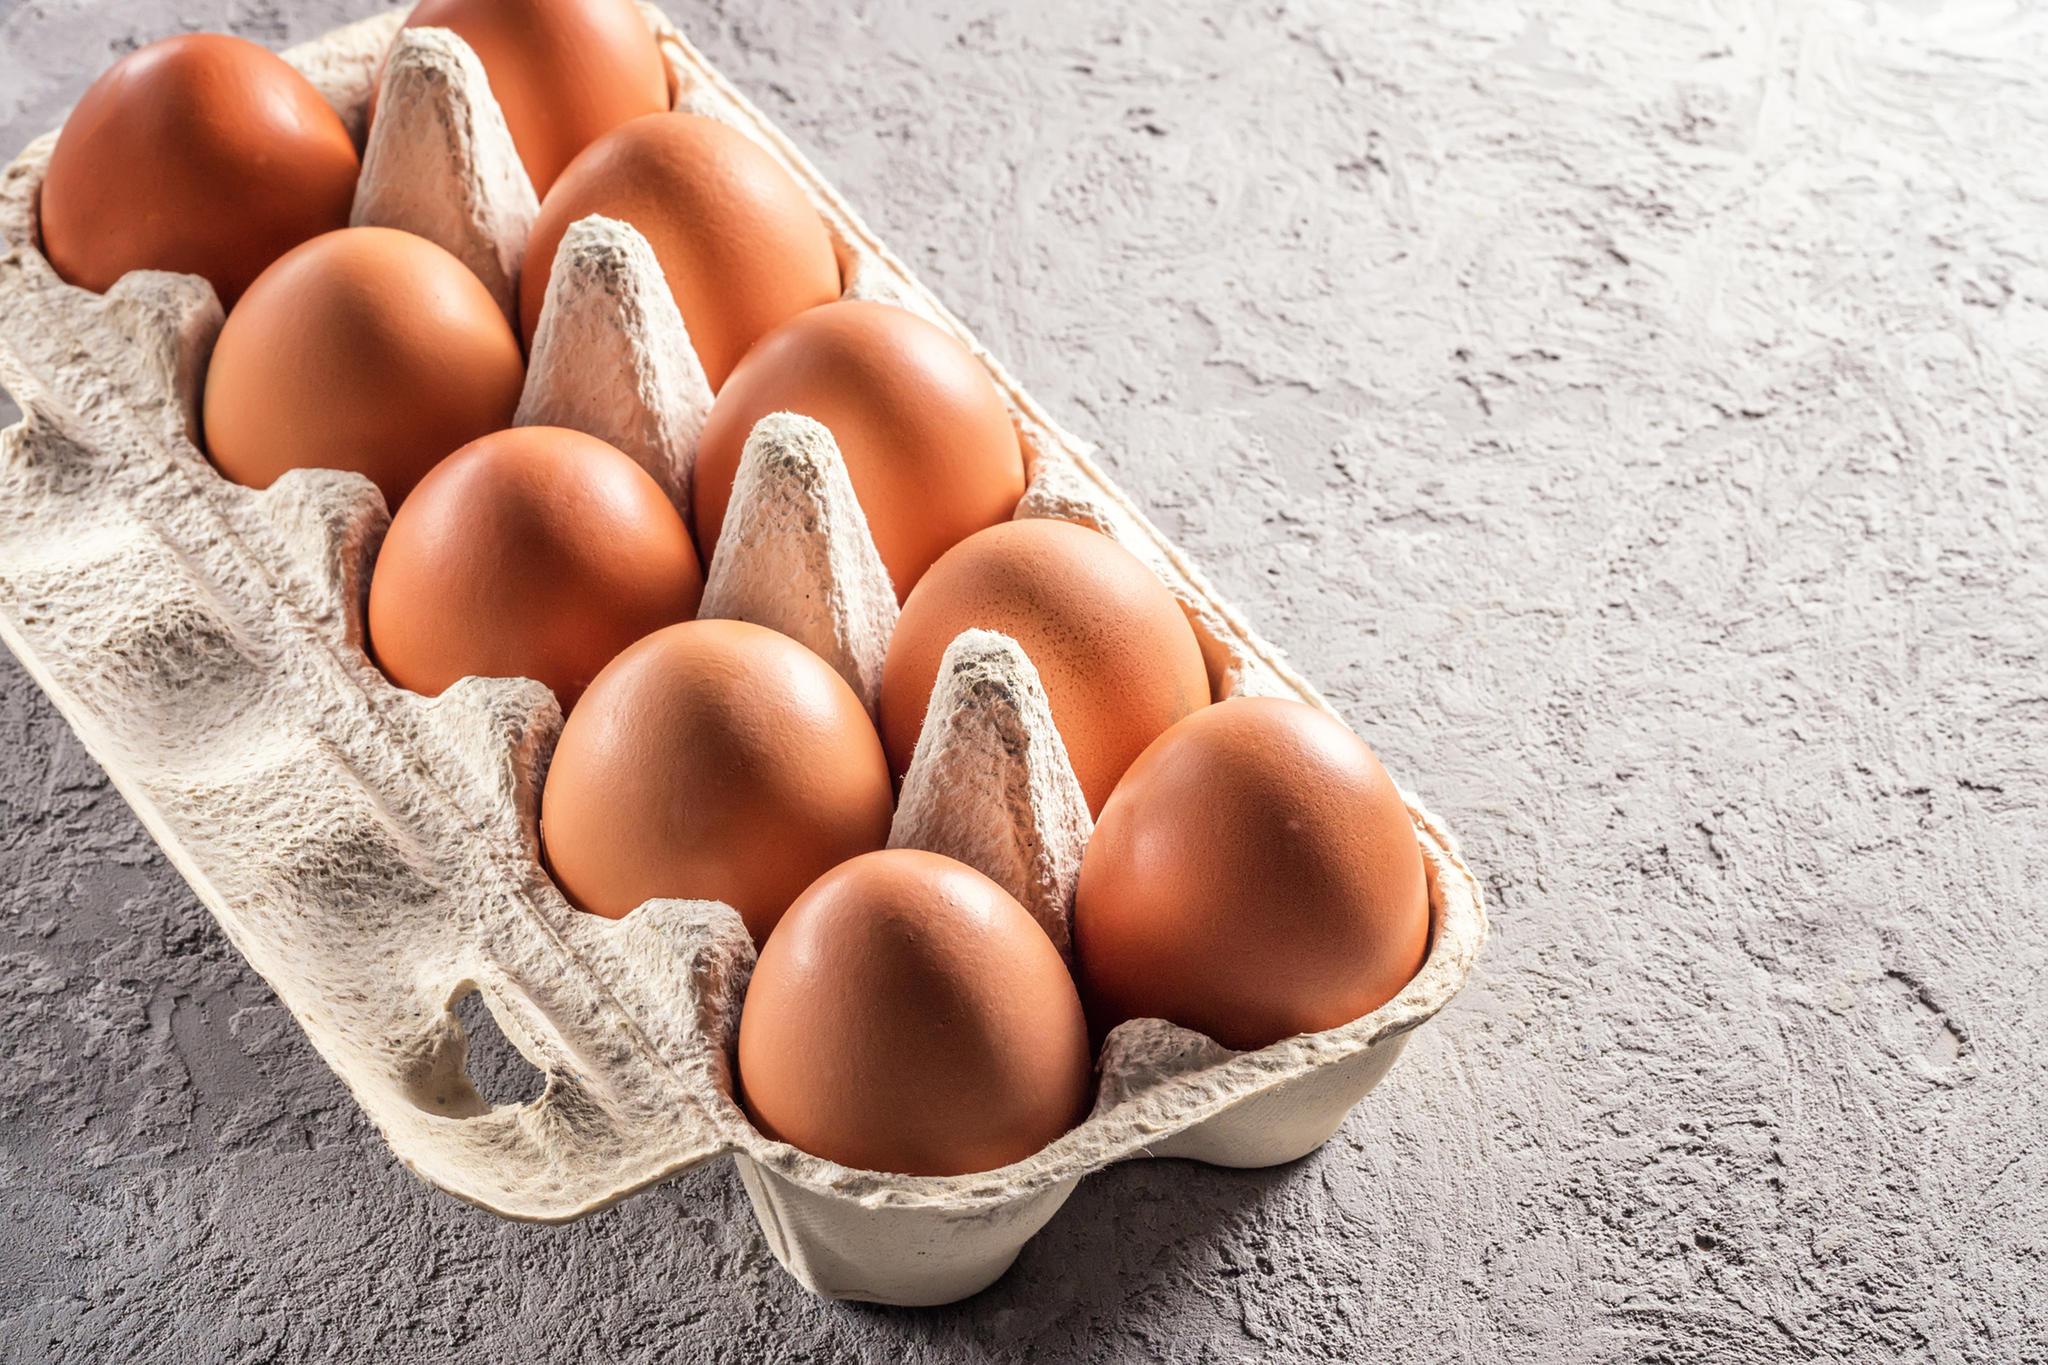 Salmonellen-Gefahr: Achtung: Supermärkte rufen Bio-Eier zurück!